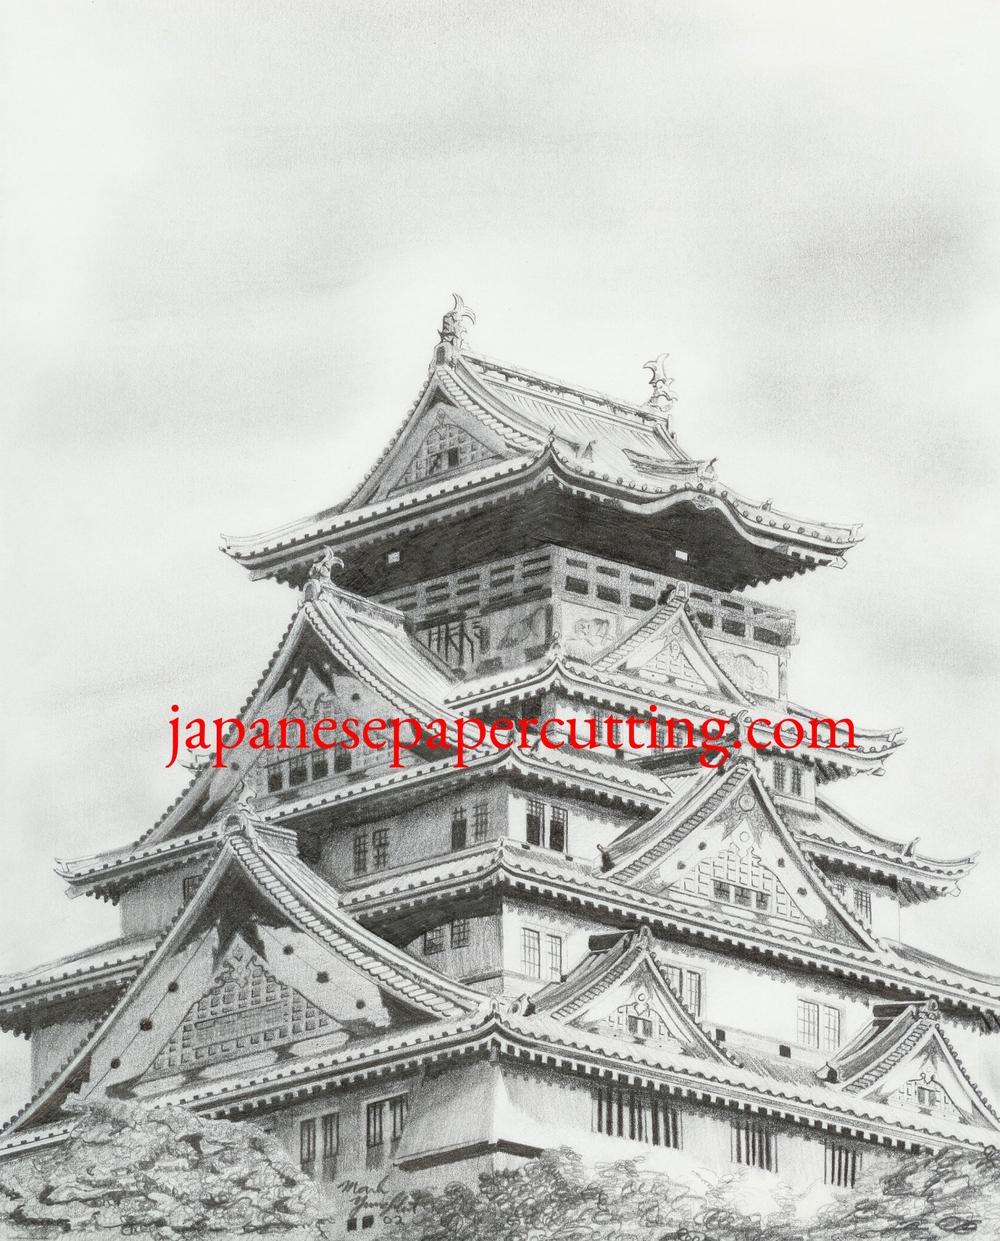 Osaka Castle | Osaka, Osaka, Japan | Pencil | 2002